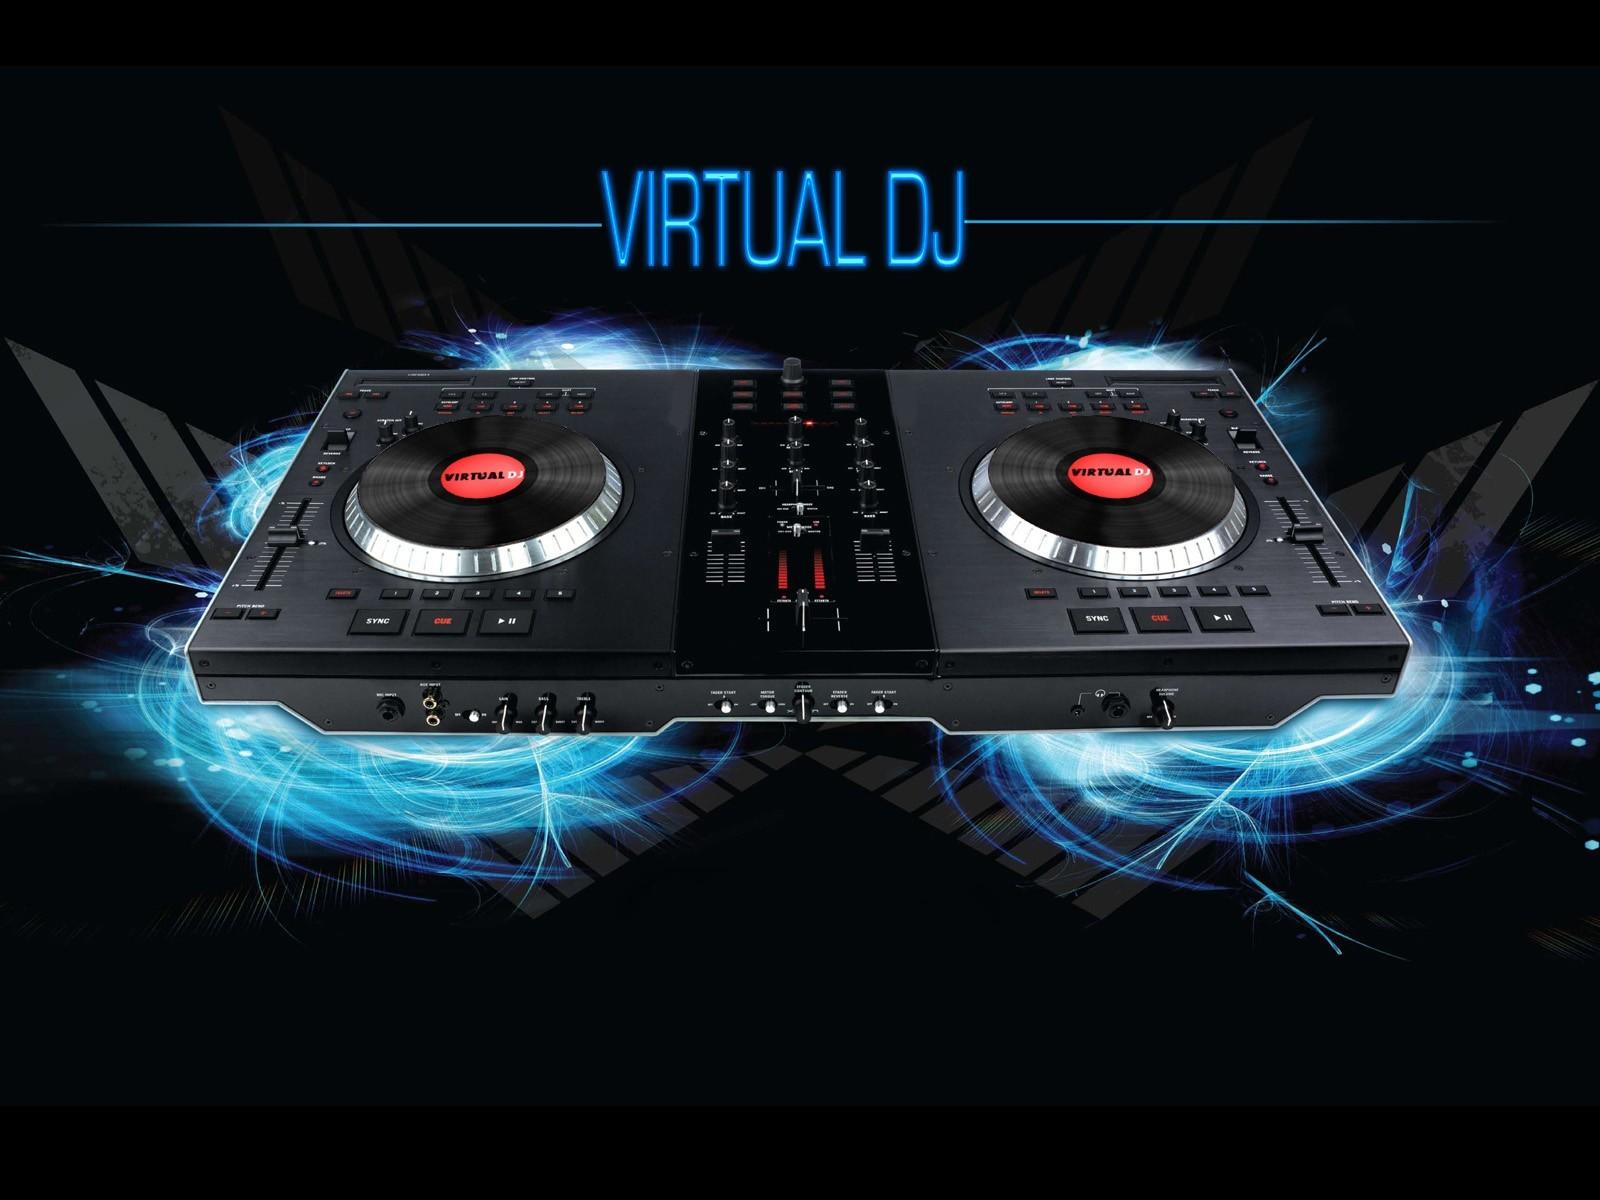 virtualdj wallpaper hd - photo #1